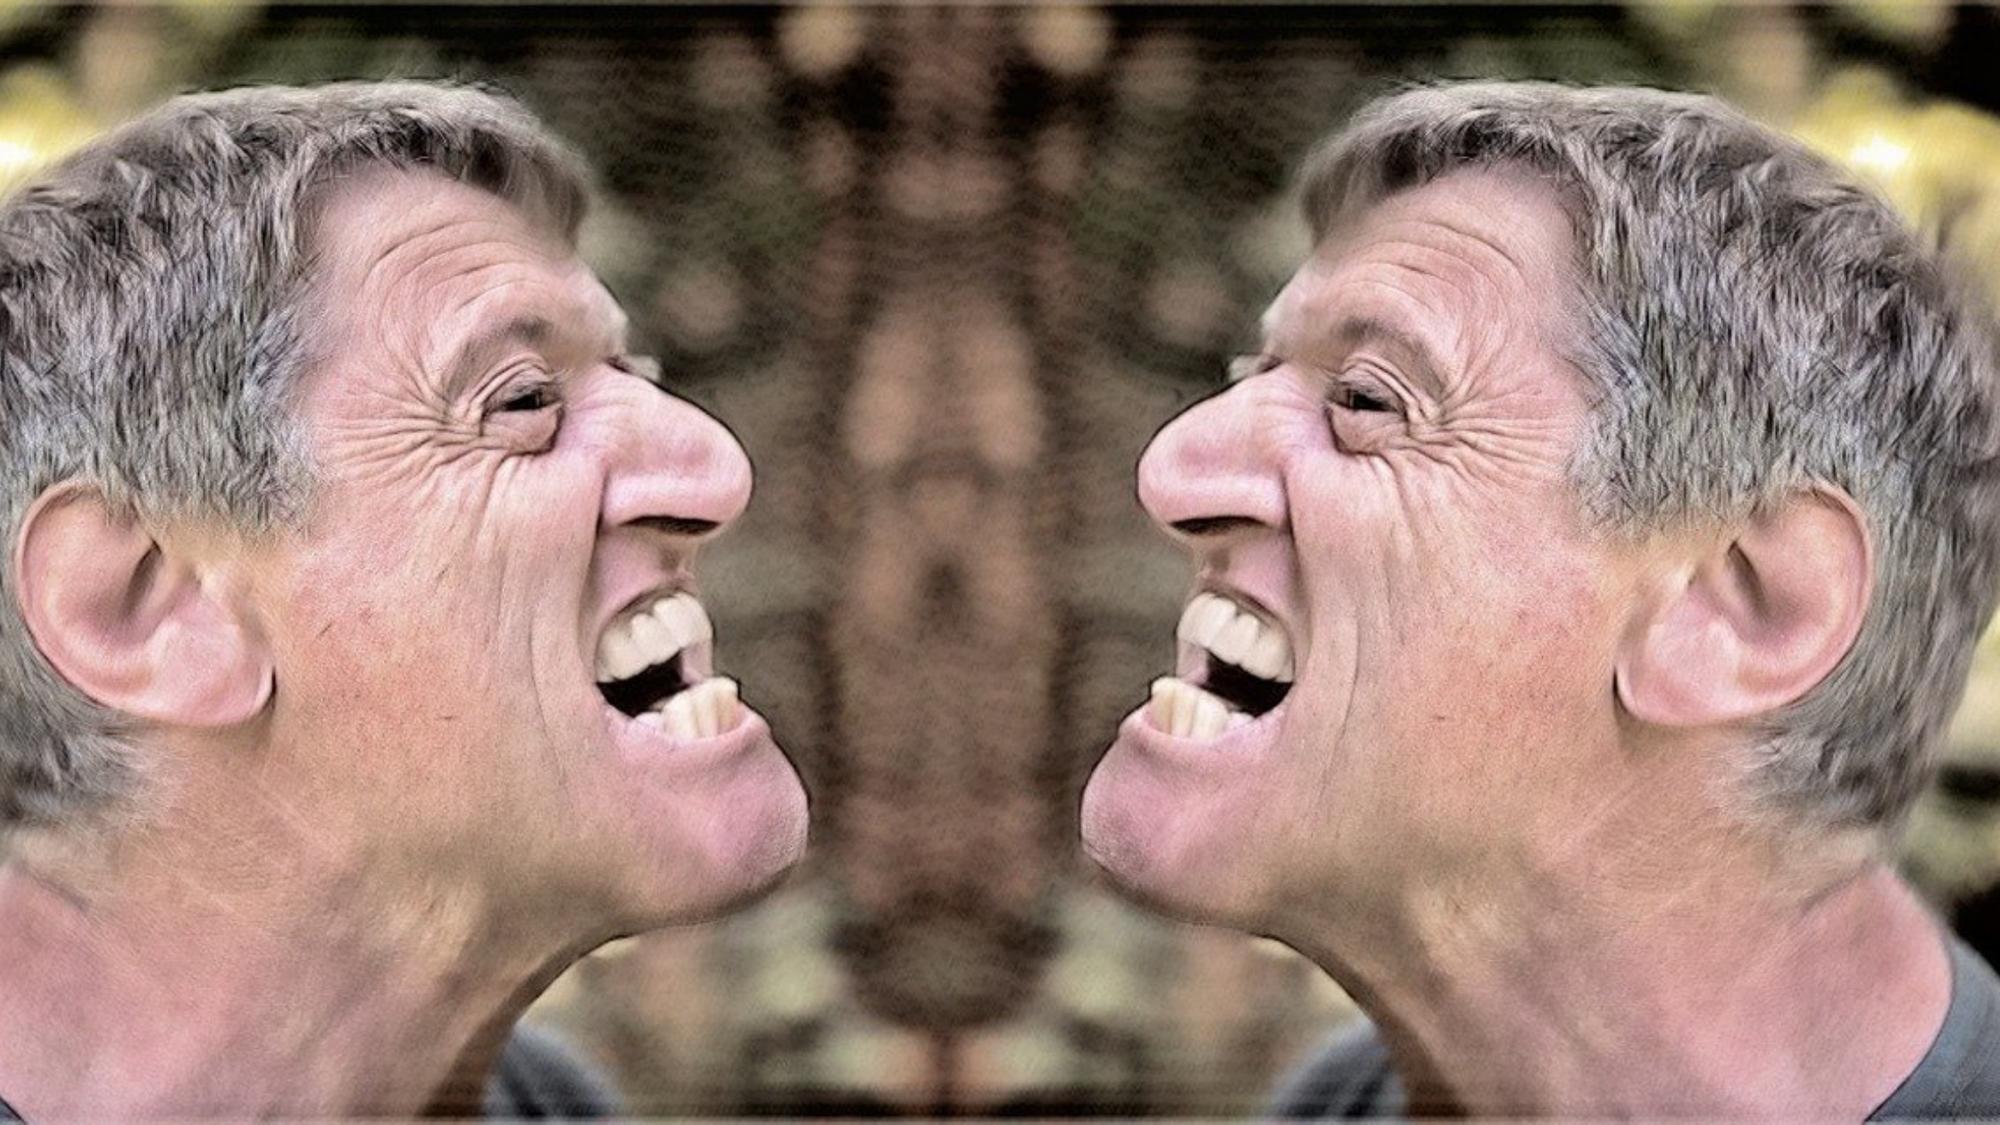 Alles ist Dein Spiegel - Wie Innen, So Außen